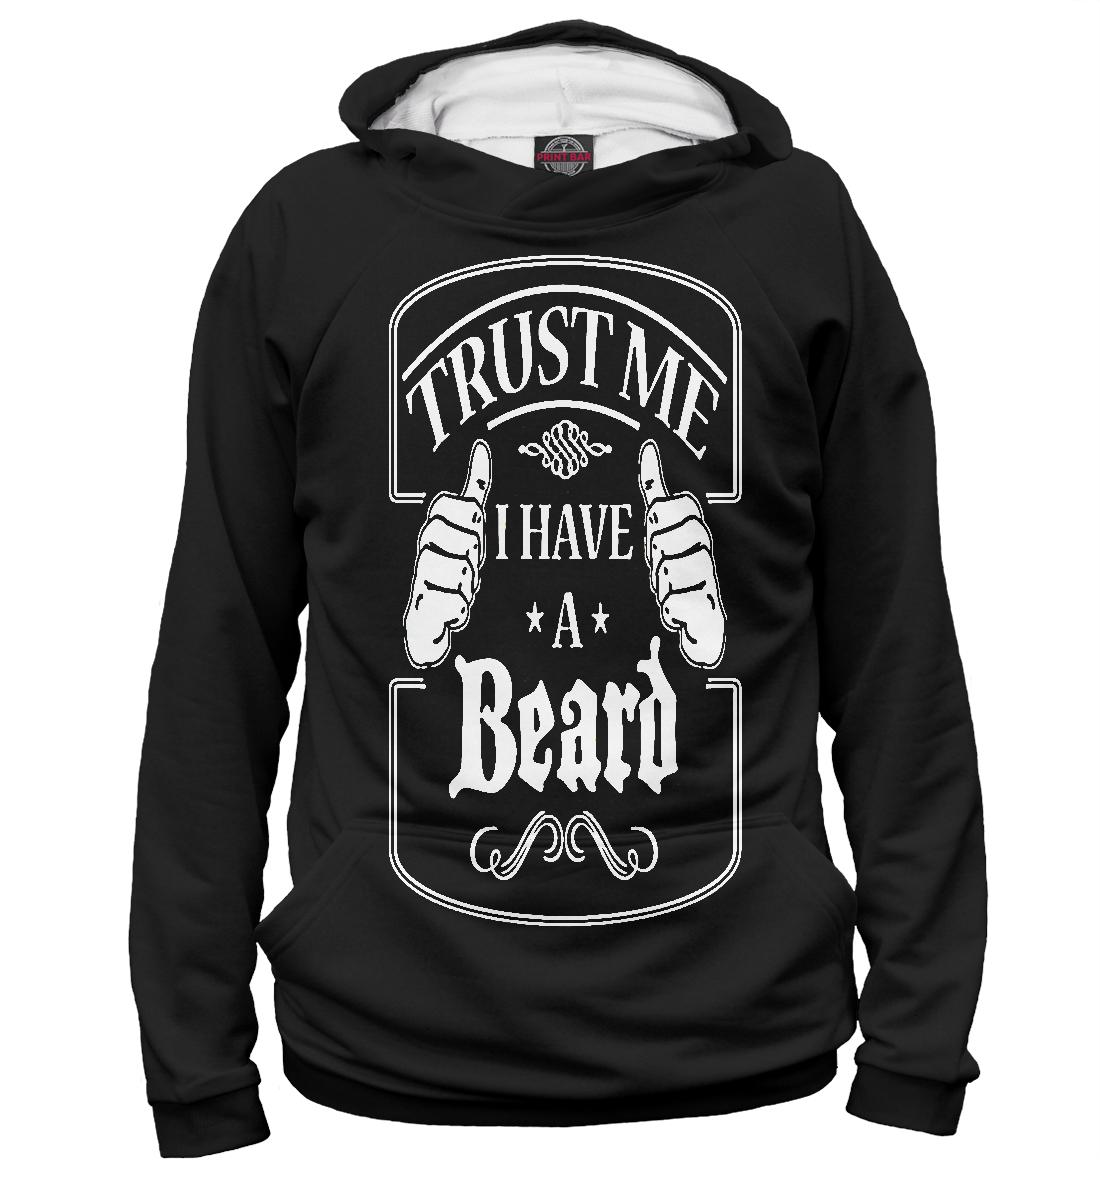 Купить Поверь мне у меня есть борода, Printbar, Худи, APD-981008-hud-1